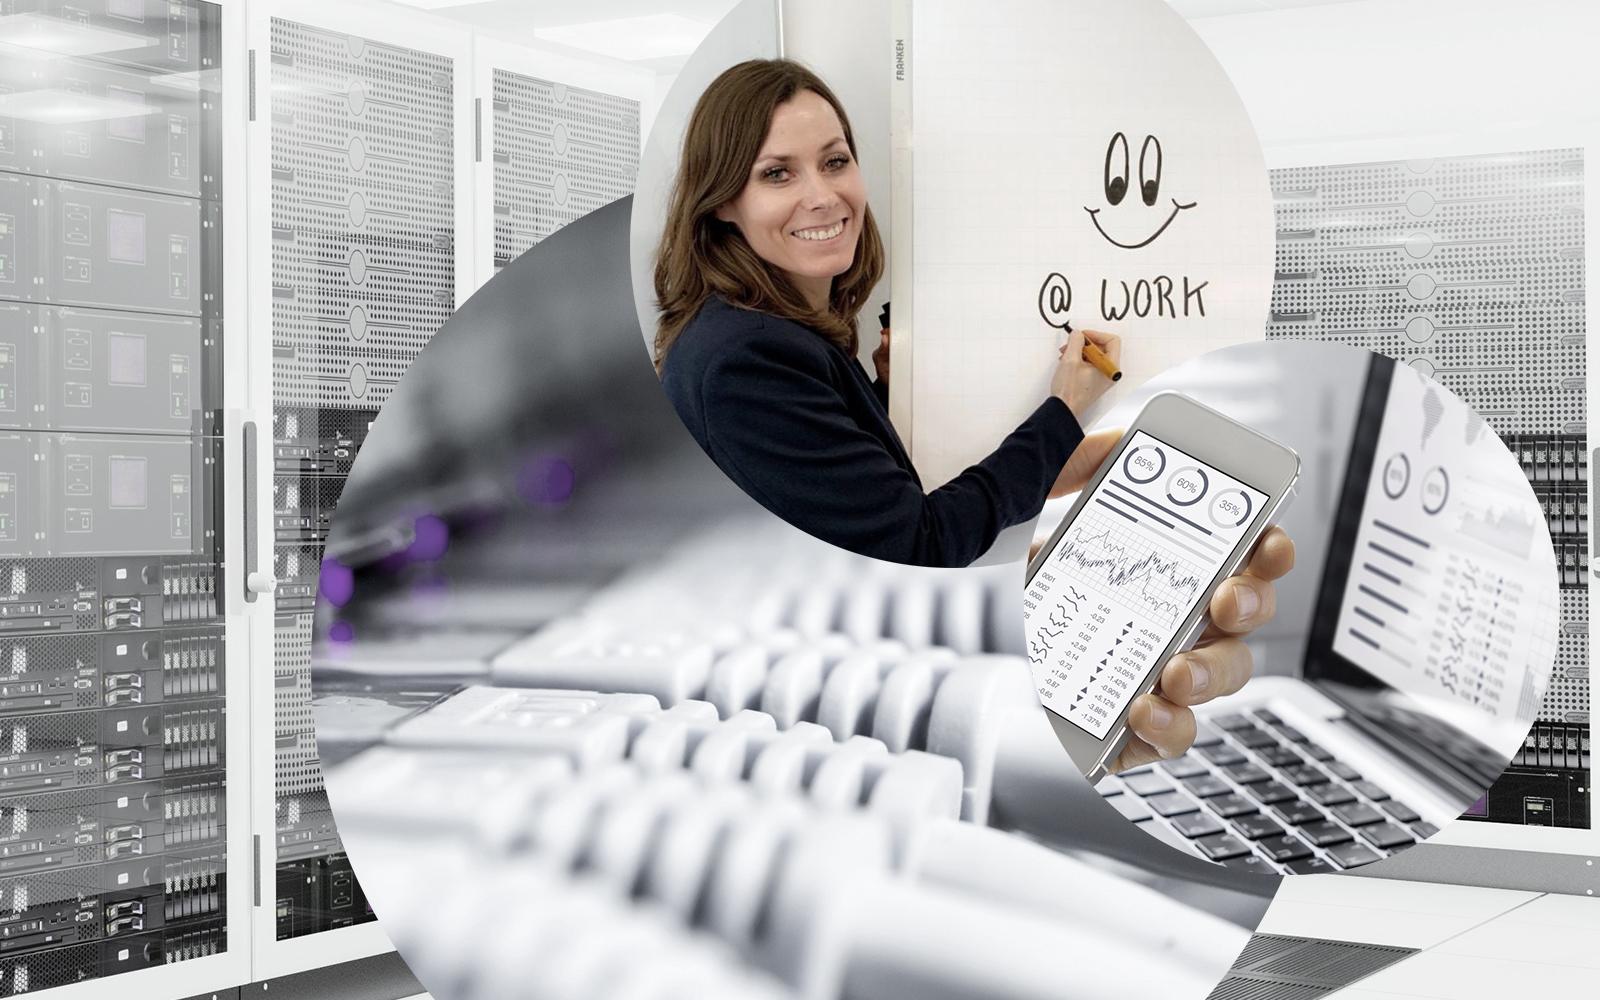 Bild von Claudia Sehr, Geschäftsbereichsleiterin IT Services bei valantic Telco Solutions & Services, im Hintergrund ein Rechenzentrum sowie Kabel und Laptop